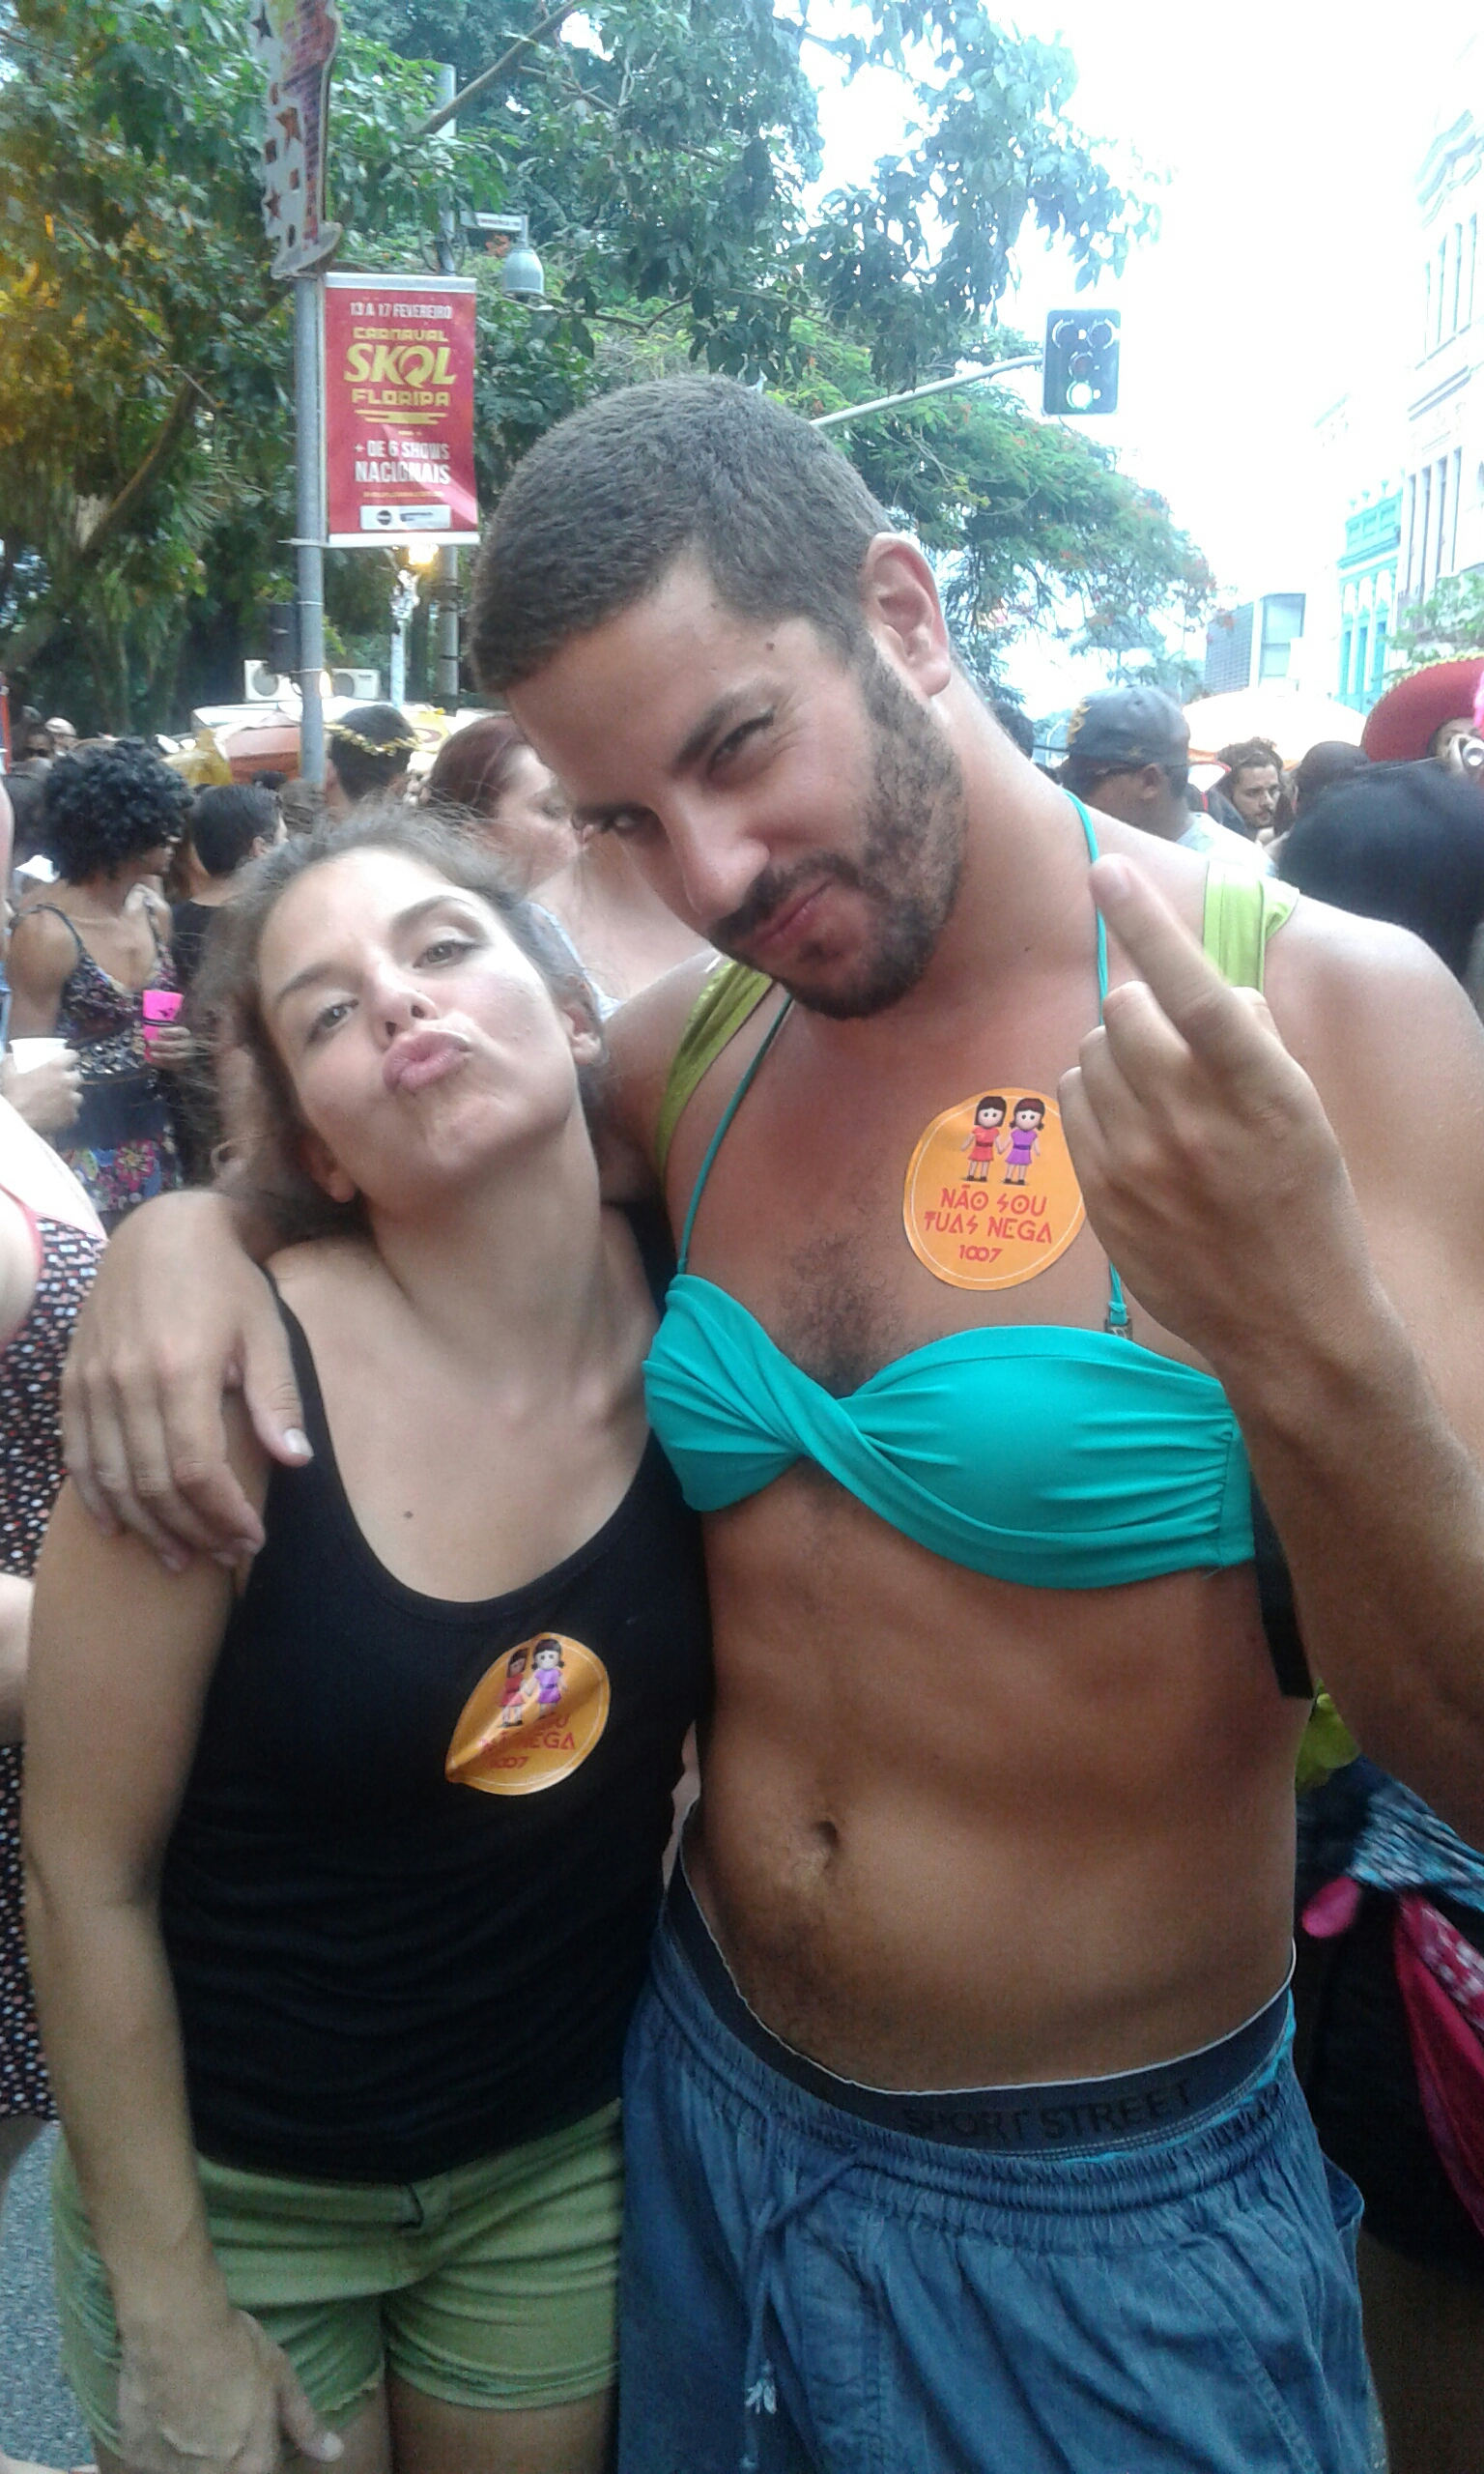 de fiesta en el Carnaval de Florianopolis Brasil 2015, hombres vestidos de mujeres y samba